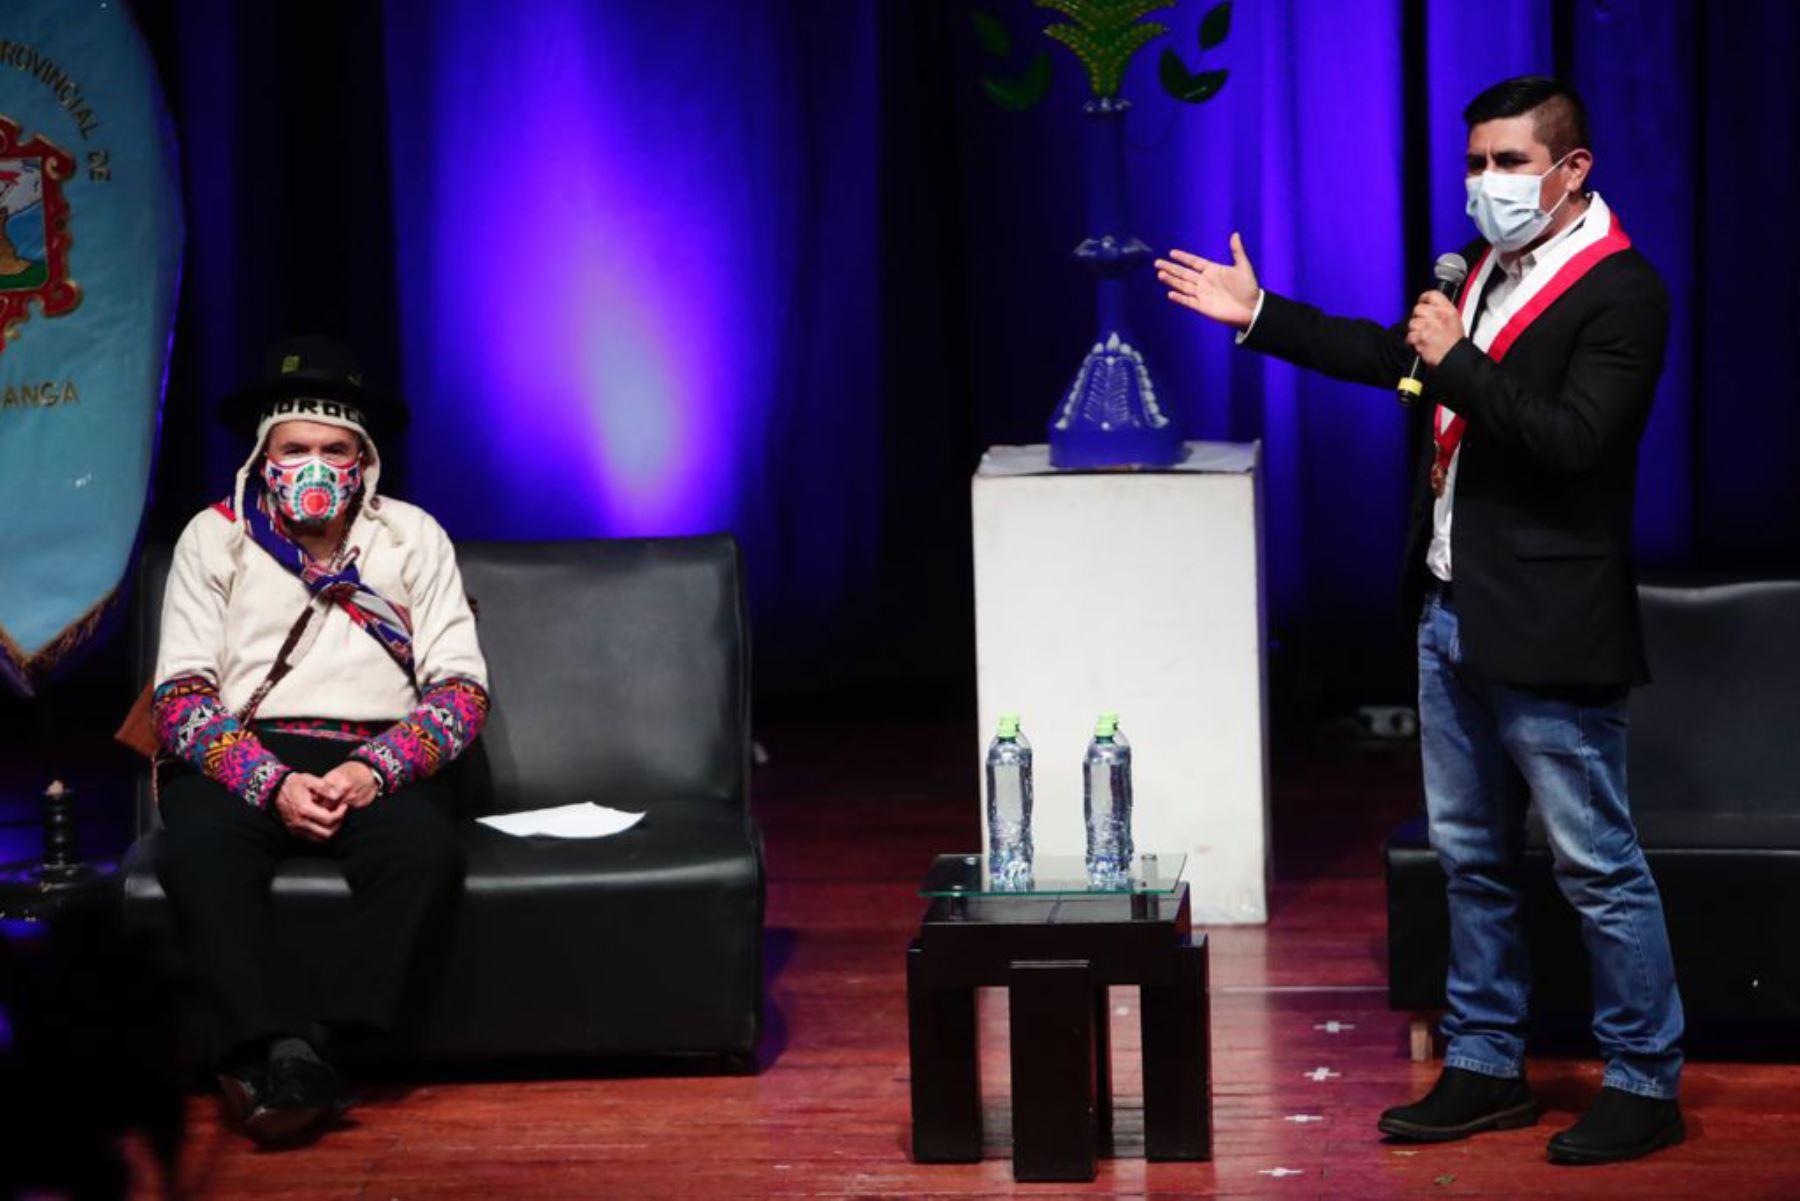 El ministro Ciro Gálvez, asistió al Cine Teatro Municipal, donde se realizó una ceremonia especial para la entrega de reconocimientos a los principales exponentes de distintas expresiones artísticas de Ayacucho. Foto: ANDINA/ Ministerio de Cultura